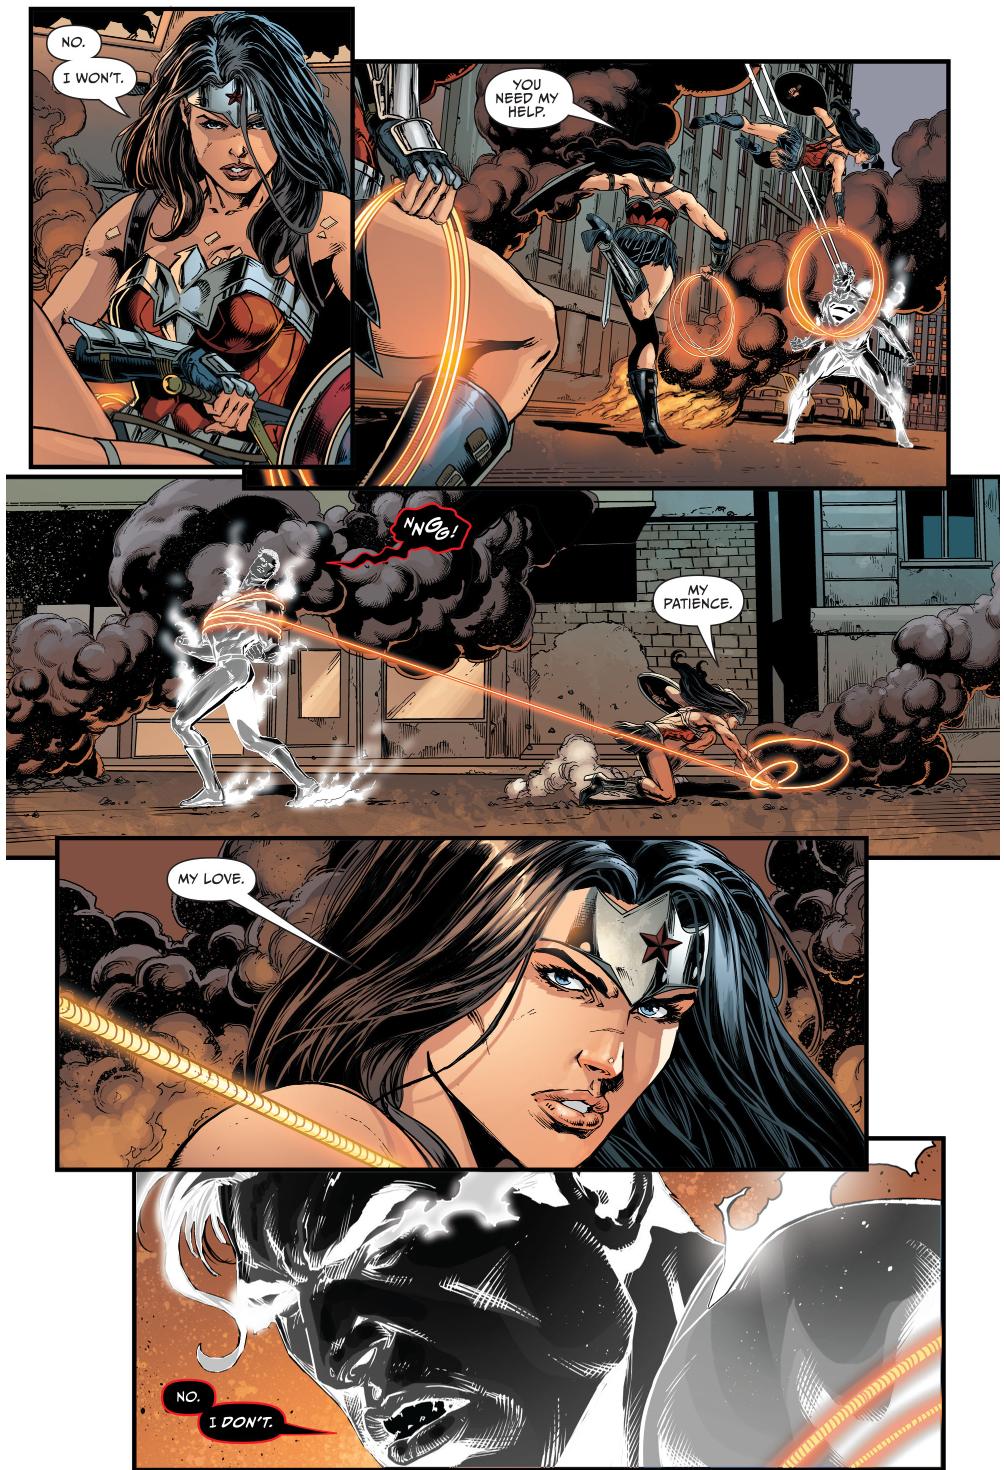 superman vs wonder woman (darkseid war)